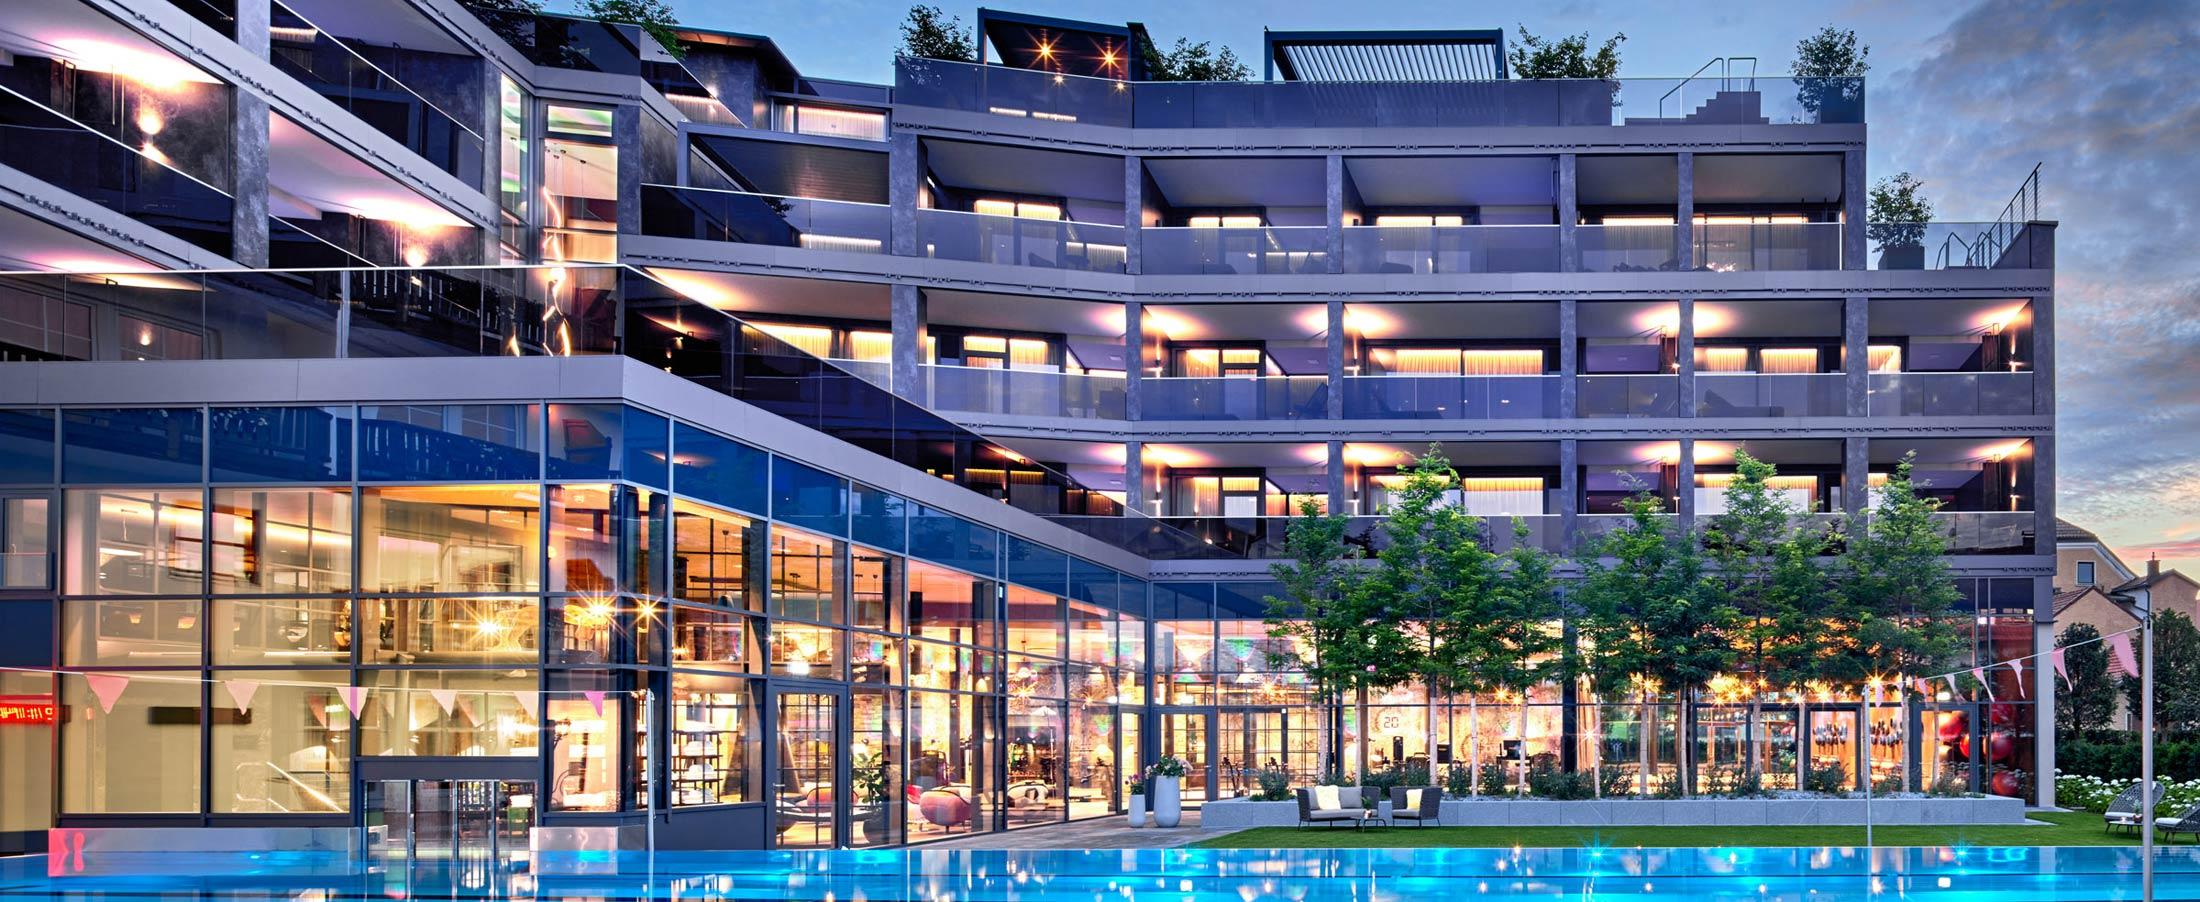 erstes 5 sterne hotel im bayerischer wald first class wellness hotel bayern 4 sterne und 5. Black Bedroom Furniture Sets. Home Design Ideas